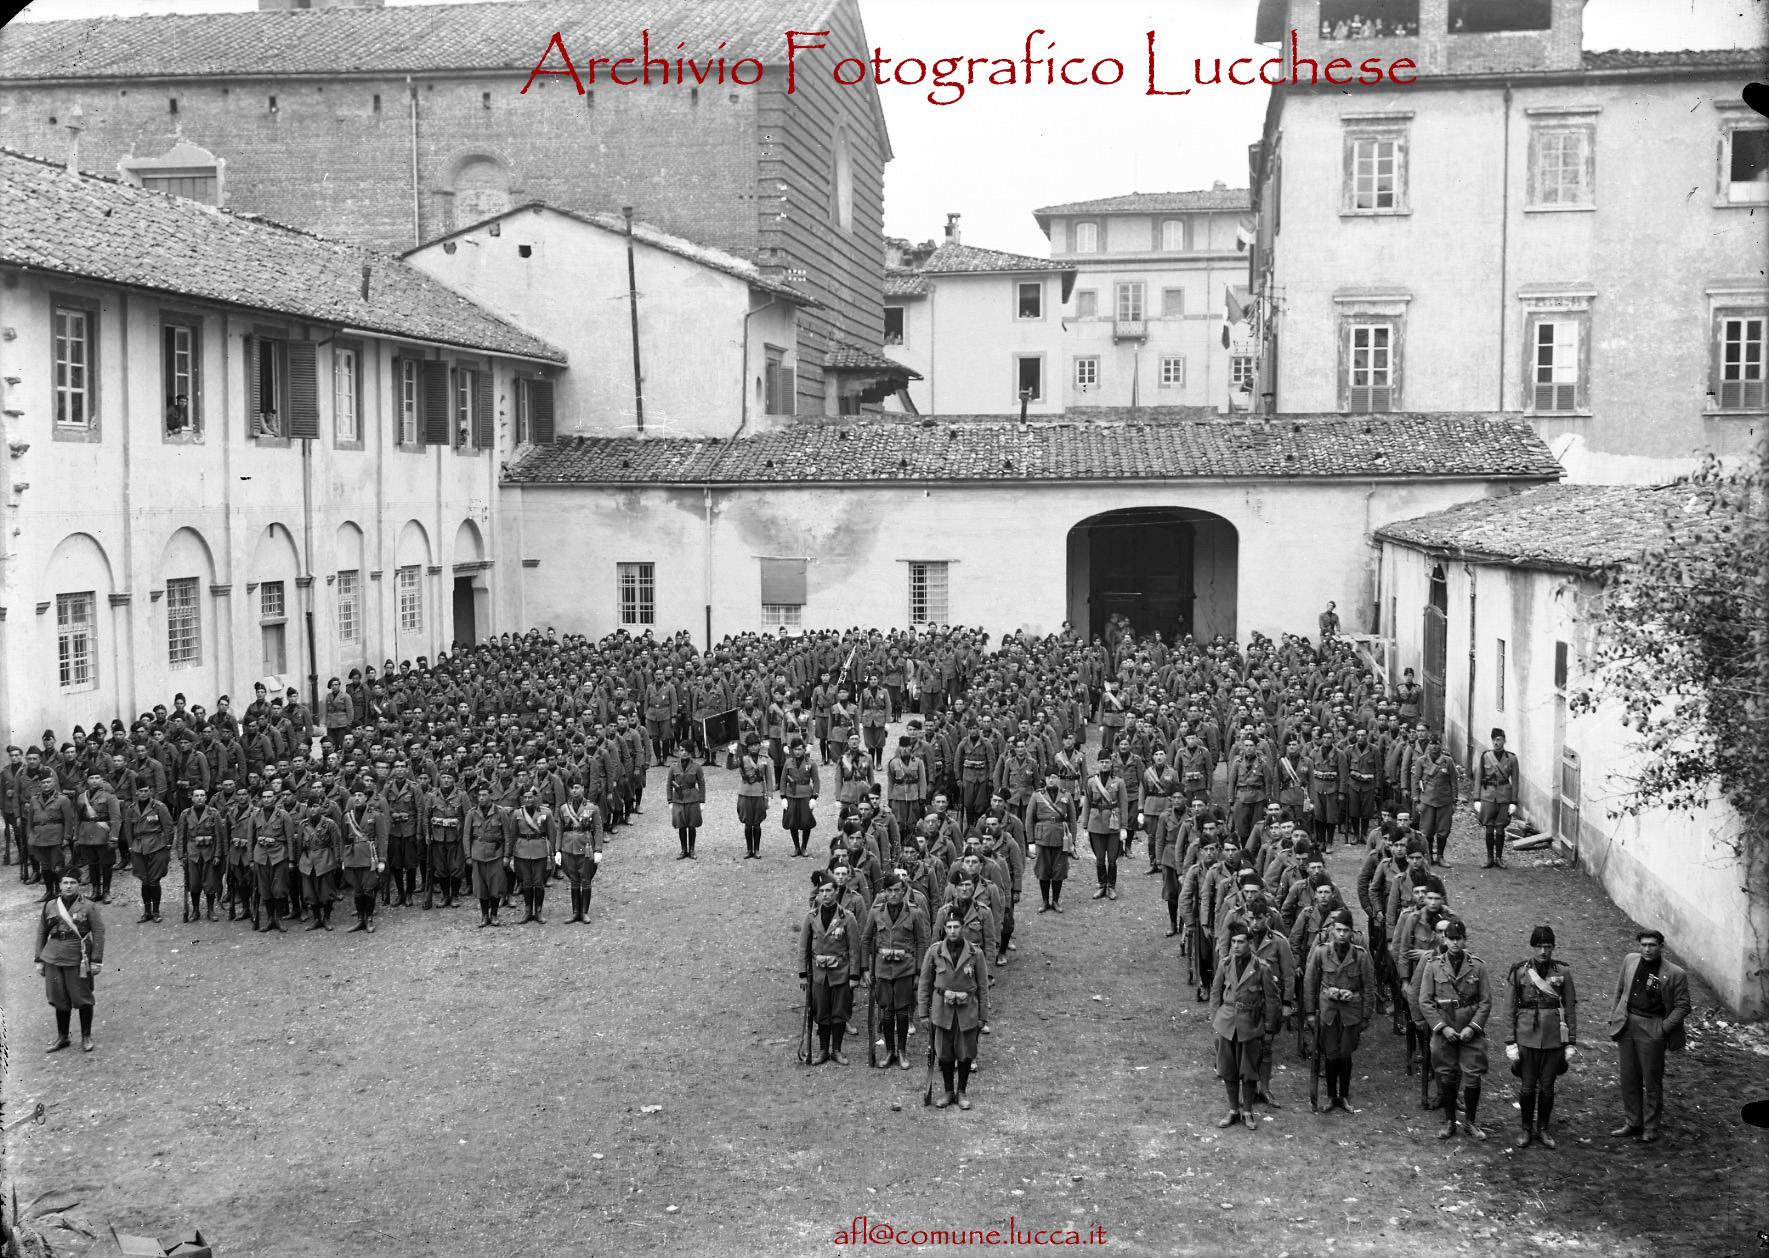 """Didascalia - v. mail (Archivio Fotografico Lucchese """"Arnaldo Fazzi"""" - Fondo Ettore Cortopassi"""")"""